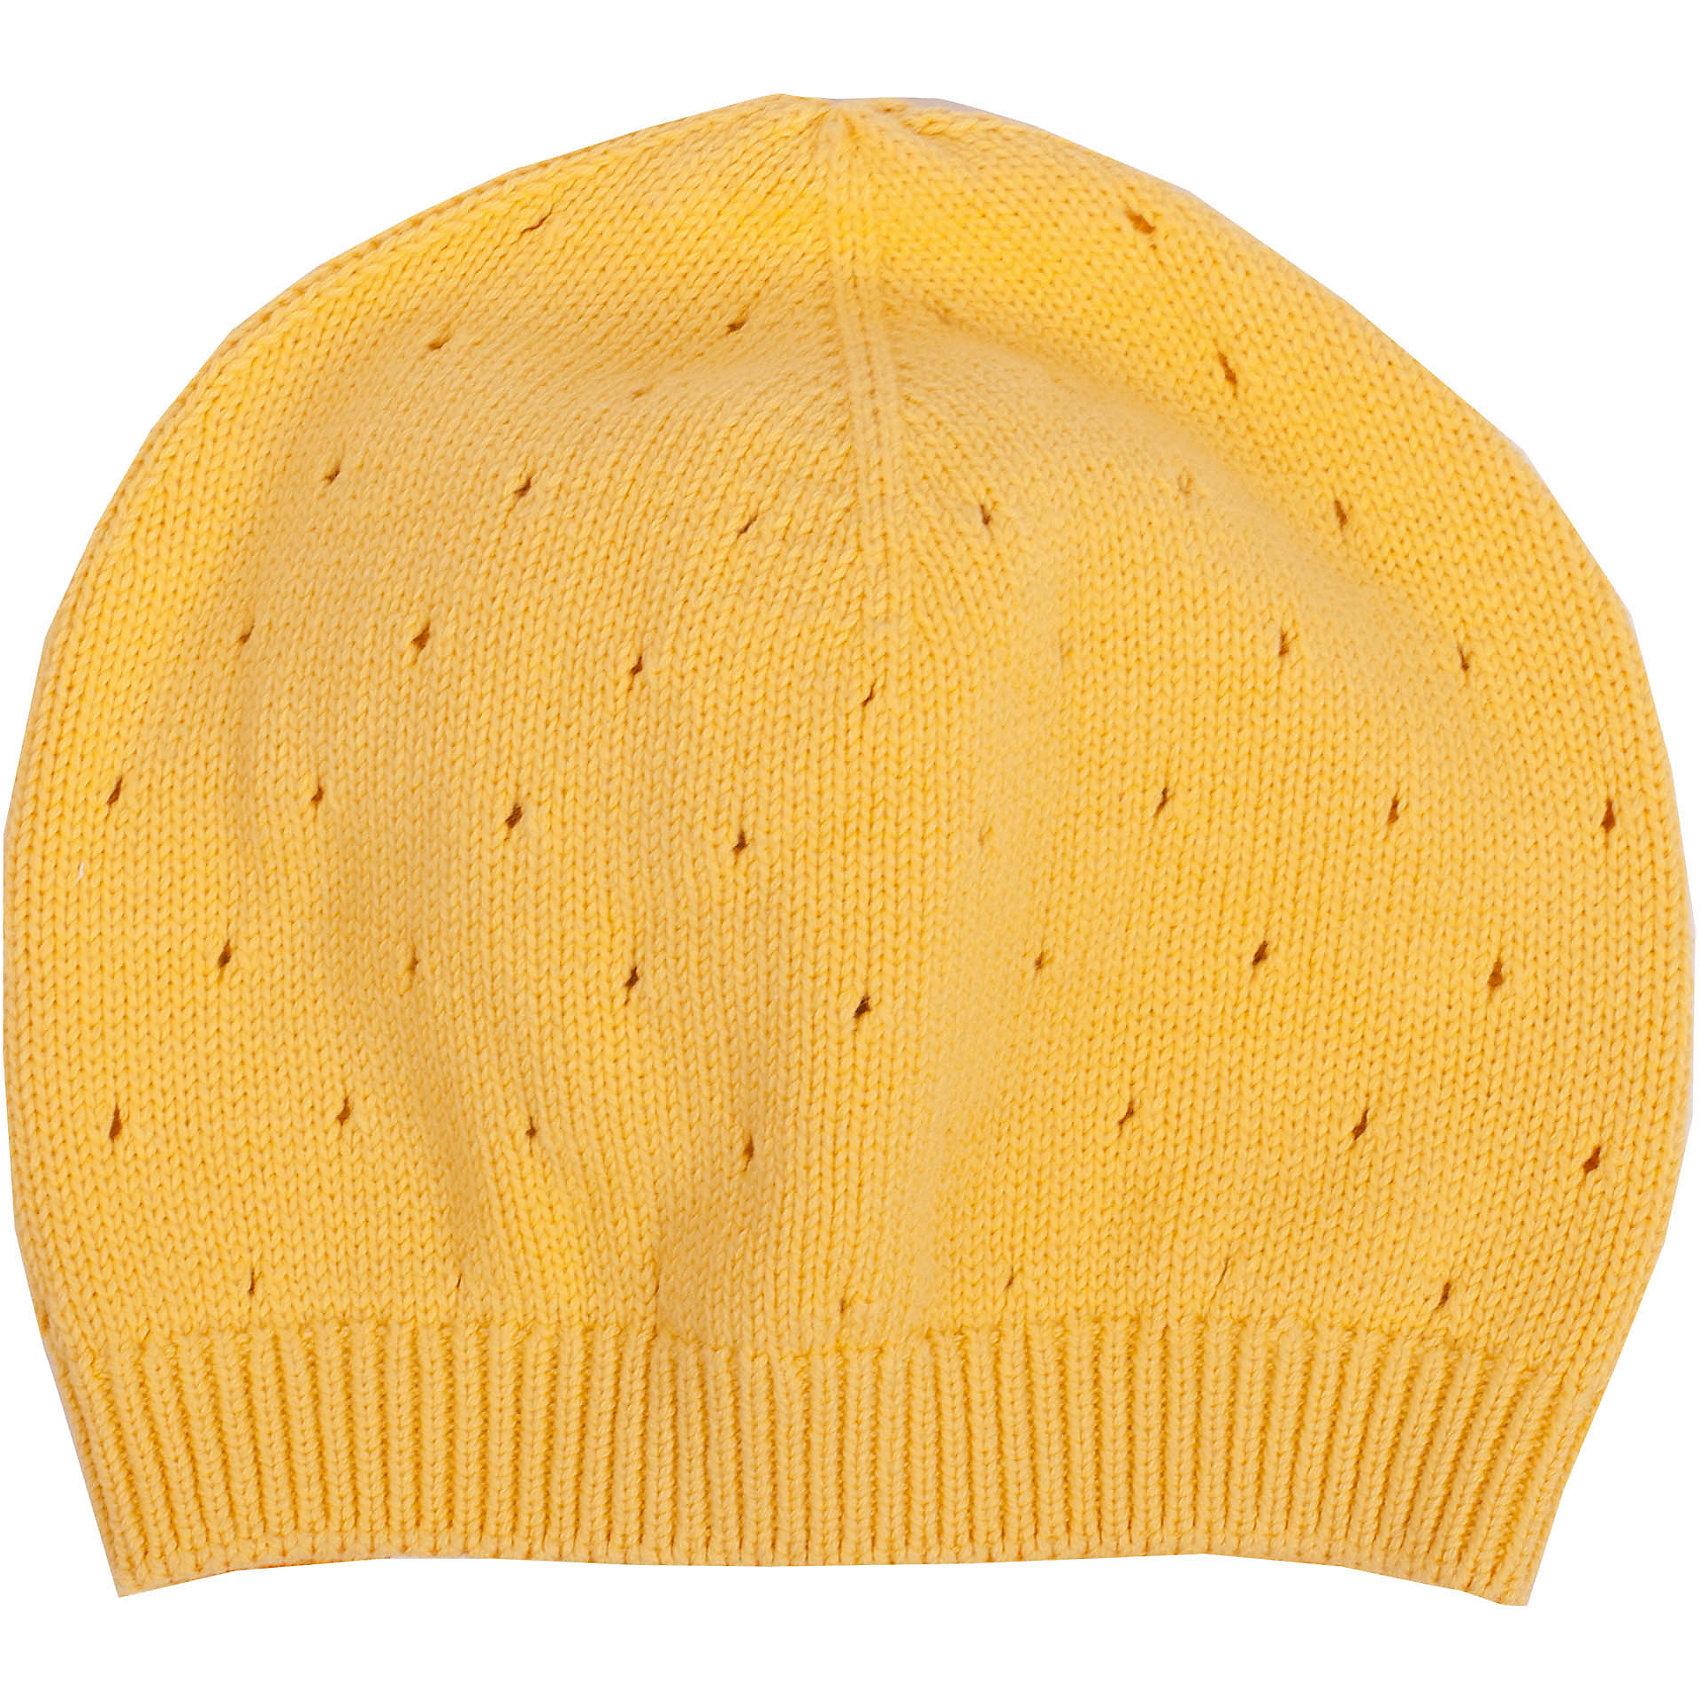 Шапка для девочки GulliverДемисезонные<br>Яркая вязаная шапка красиво завершает образ, делая его новым, свежим, интересным. Шапка связана модной ажурной вязкой, придающей изделию красоту и индивидуальность. Словом, если вам нужна стильная вязаная шапка для весенней погоды, выбор этой модели абсолютно оправдан!<br>Состав:<br>100% хлопок<br><br>Ширина мм: 89<br>Глубина мм: 117<br>Высота мм: 44<br>Вес г: 155<br>Цвет: желтый<br>Возраст от месяцев: 24<br>Возраст до месяцев: 36<br>Пол: Женский<br>Возраст: Детский<br>Размер: 50,52<br>SKU: 4534655